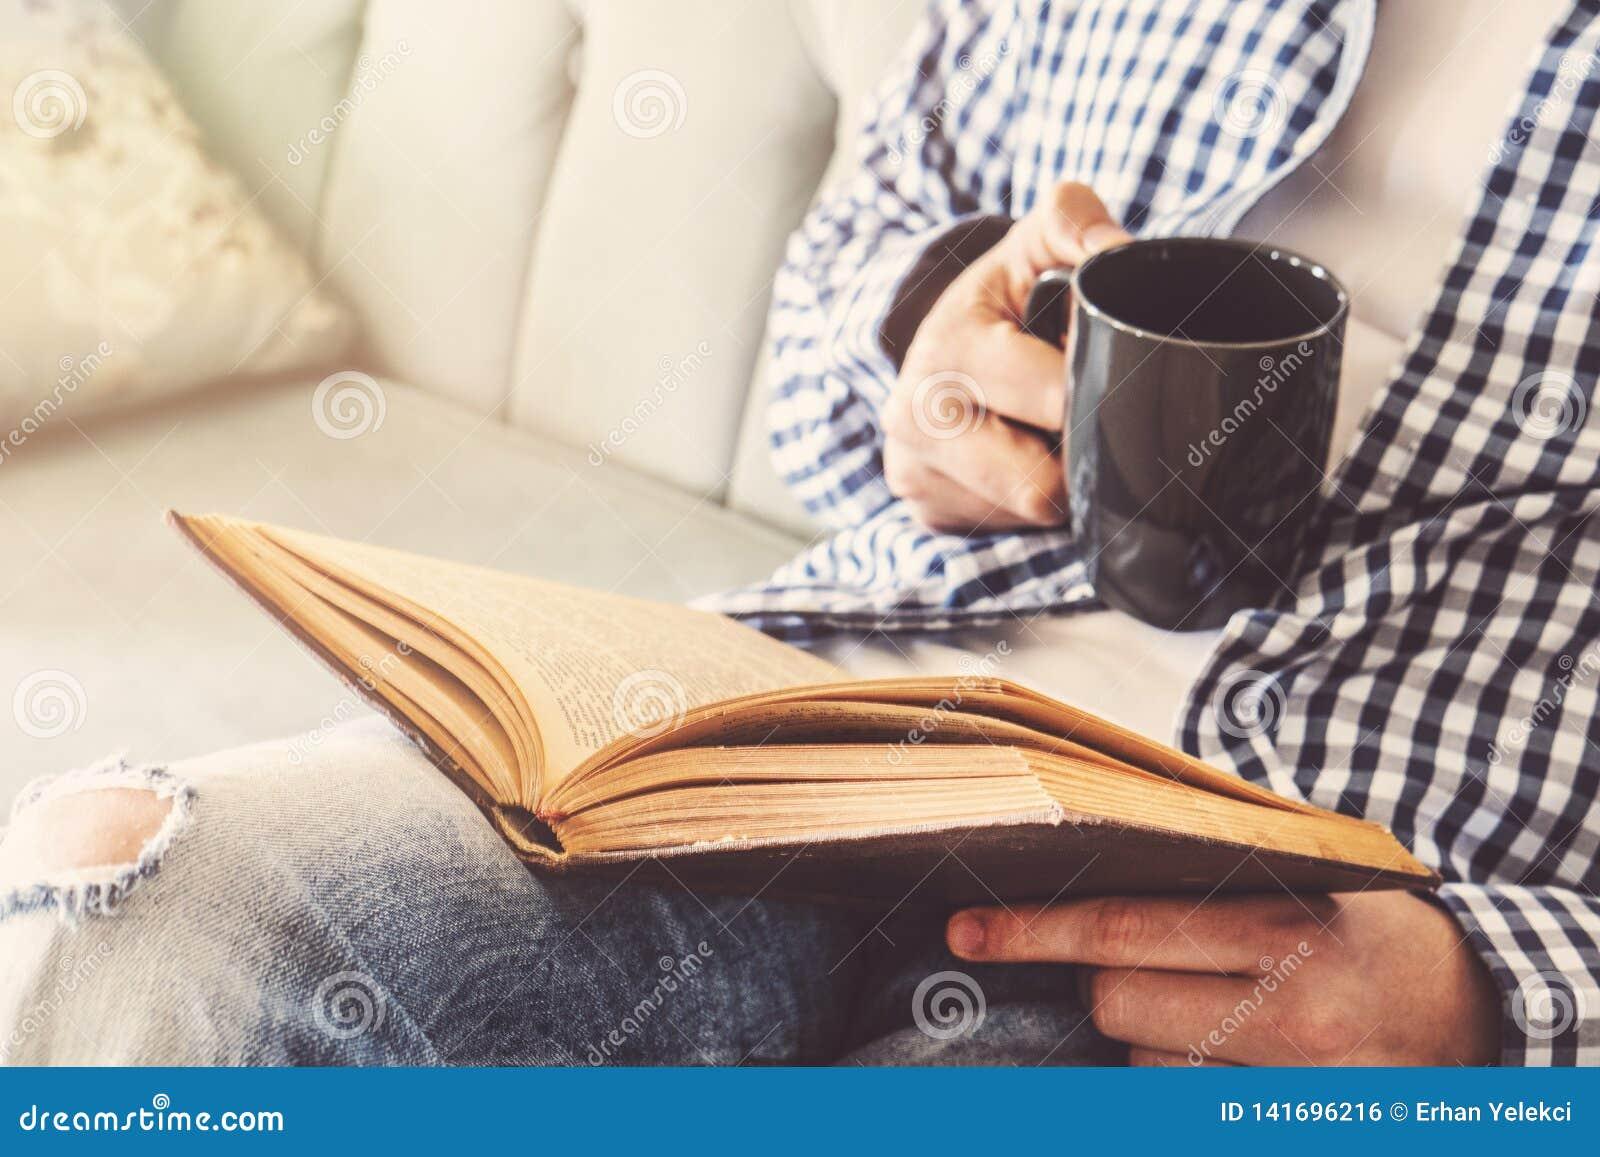 De jonge mens zit op een bank en leest een boek terwijl het houden van een kop van koffie of thee